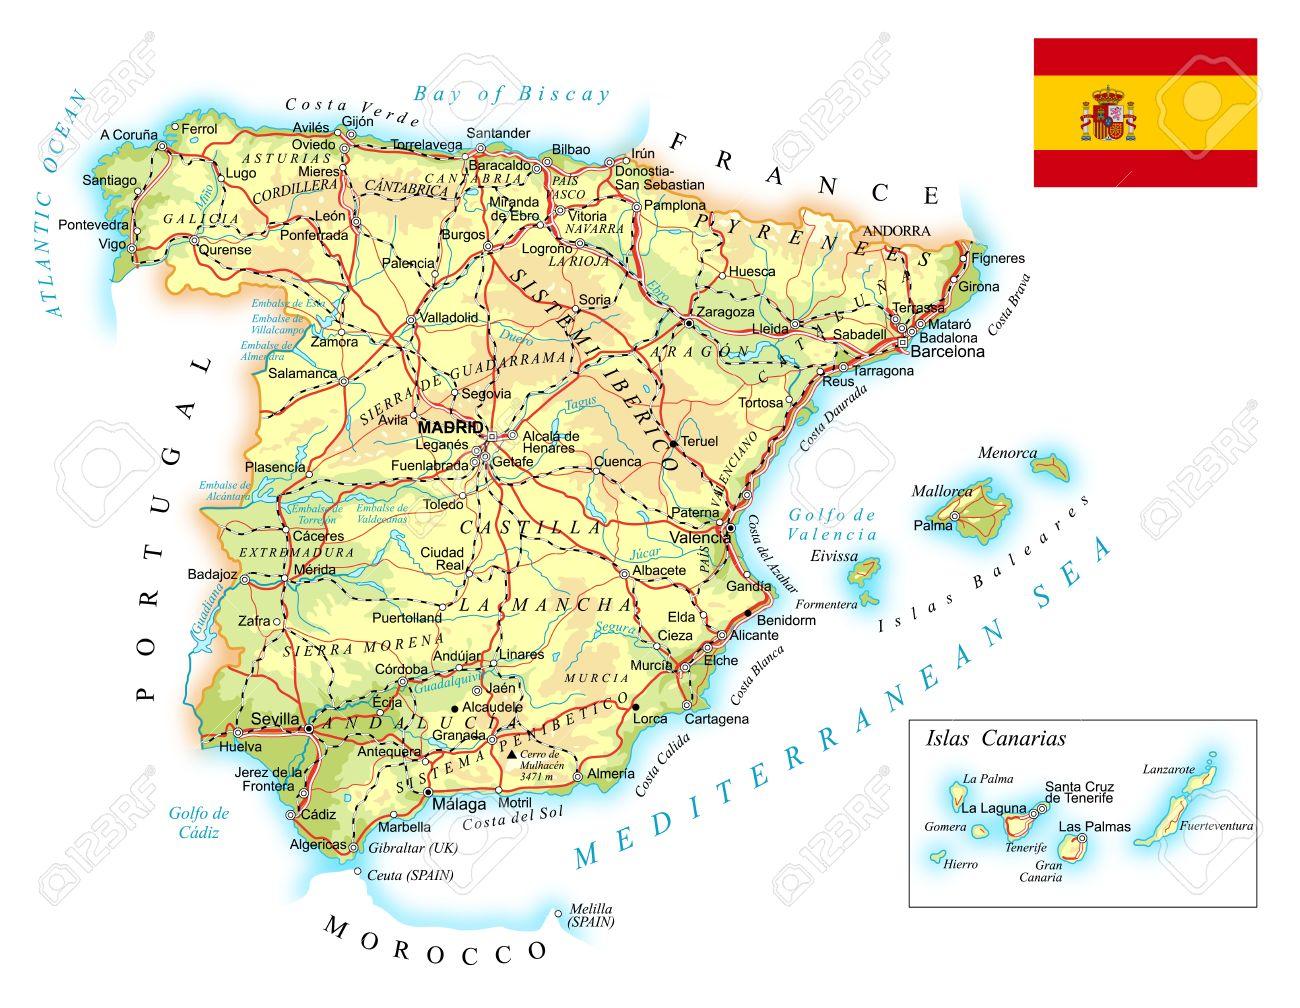 Carte Espagne Topographique.Espagne Carte Topographique Detaillee Illustration Plan Contient Contours Topographiques Pays Et Terres Noms Des Villes Des Objets De L Eau